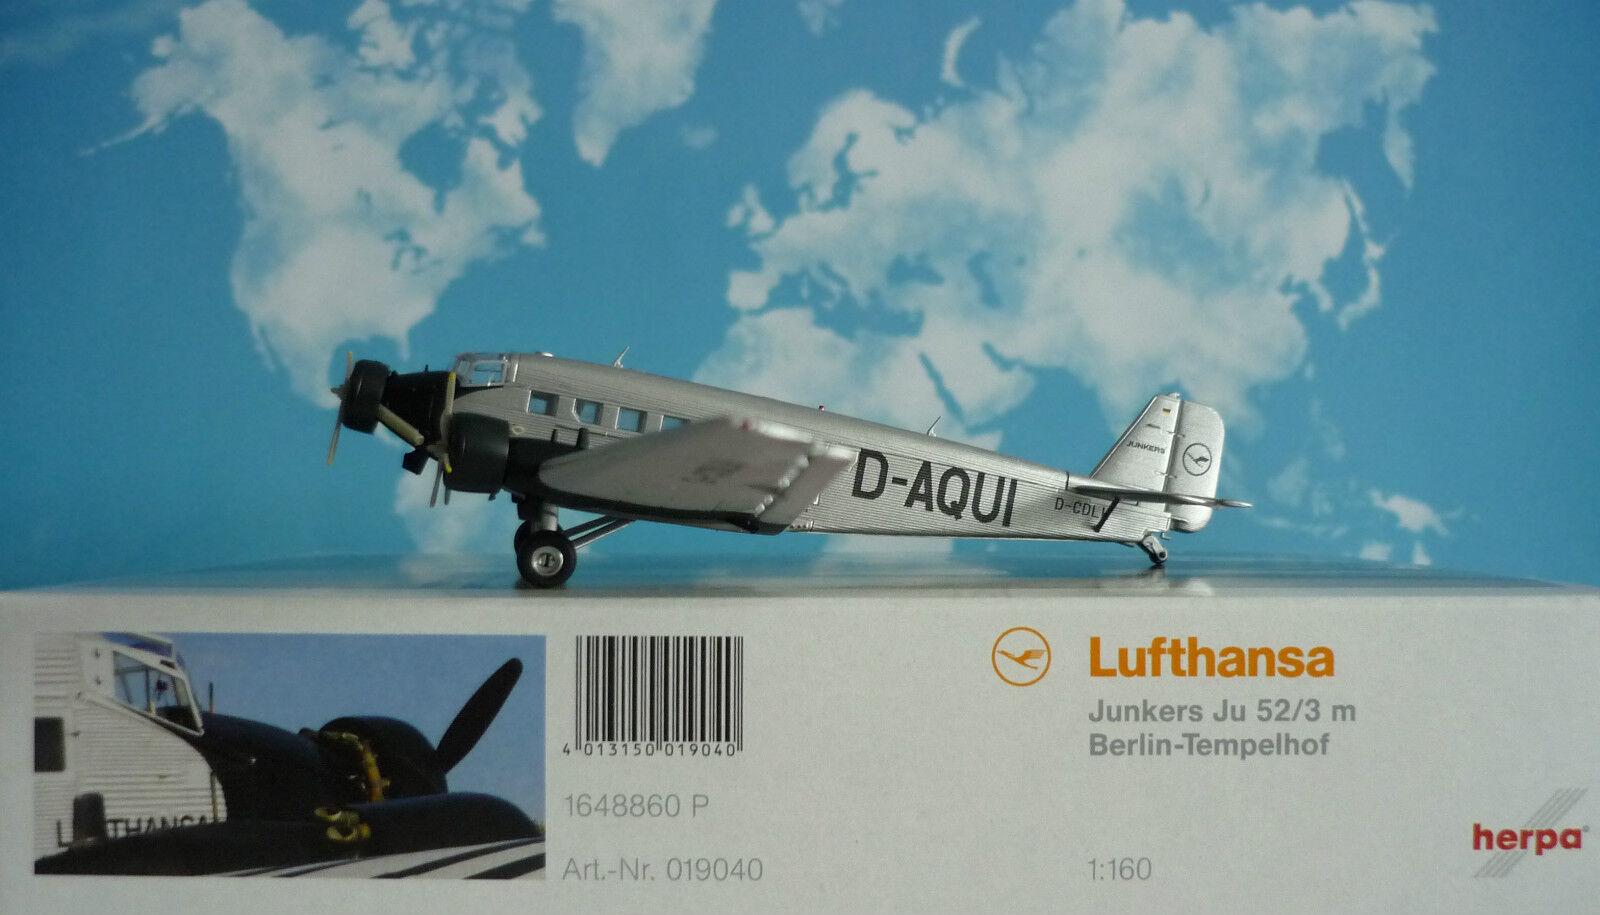 Tempêtes d'achat, le Nouvel An de Noël est le premier à être fort HERPA wings 1:160 Junkers Ju 52/3 Lufthansa Berlin-tempelhof d-Aquitaine 019040 | Emballage Solide